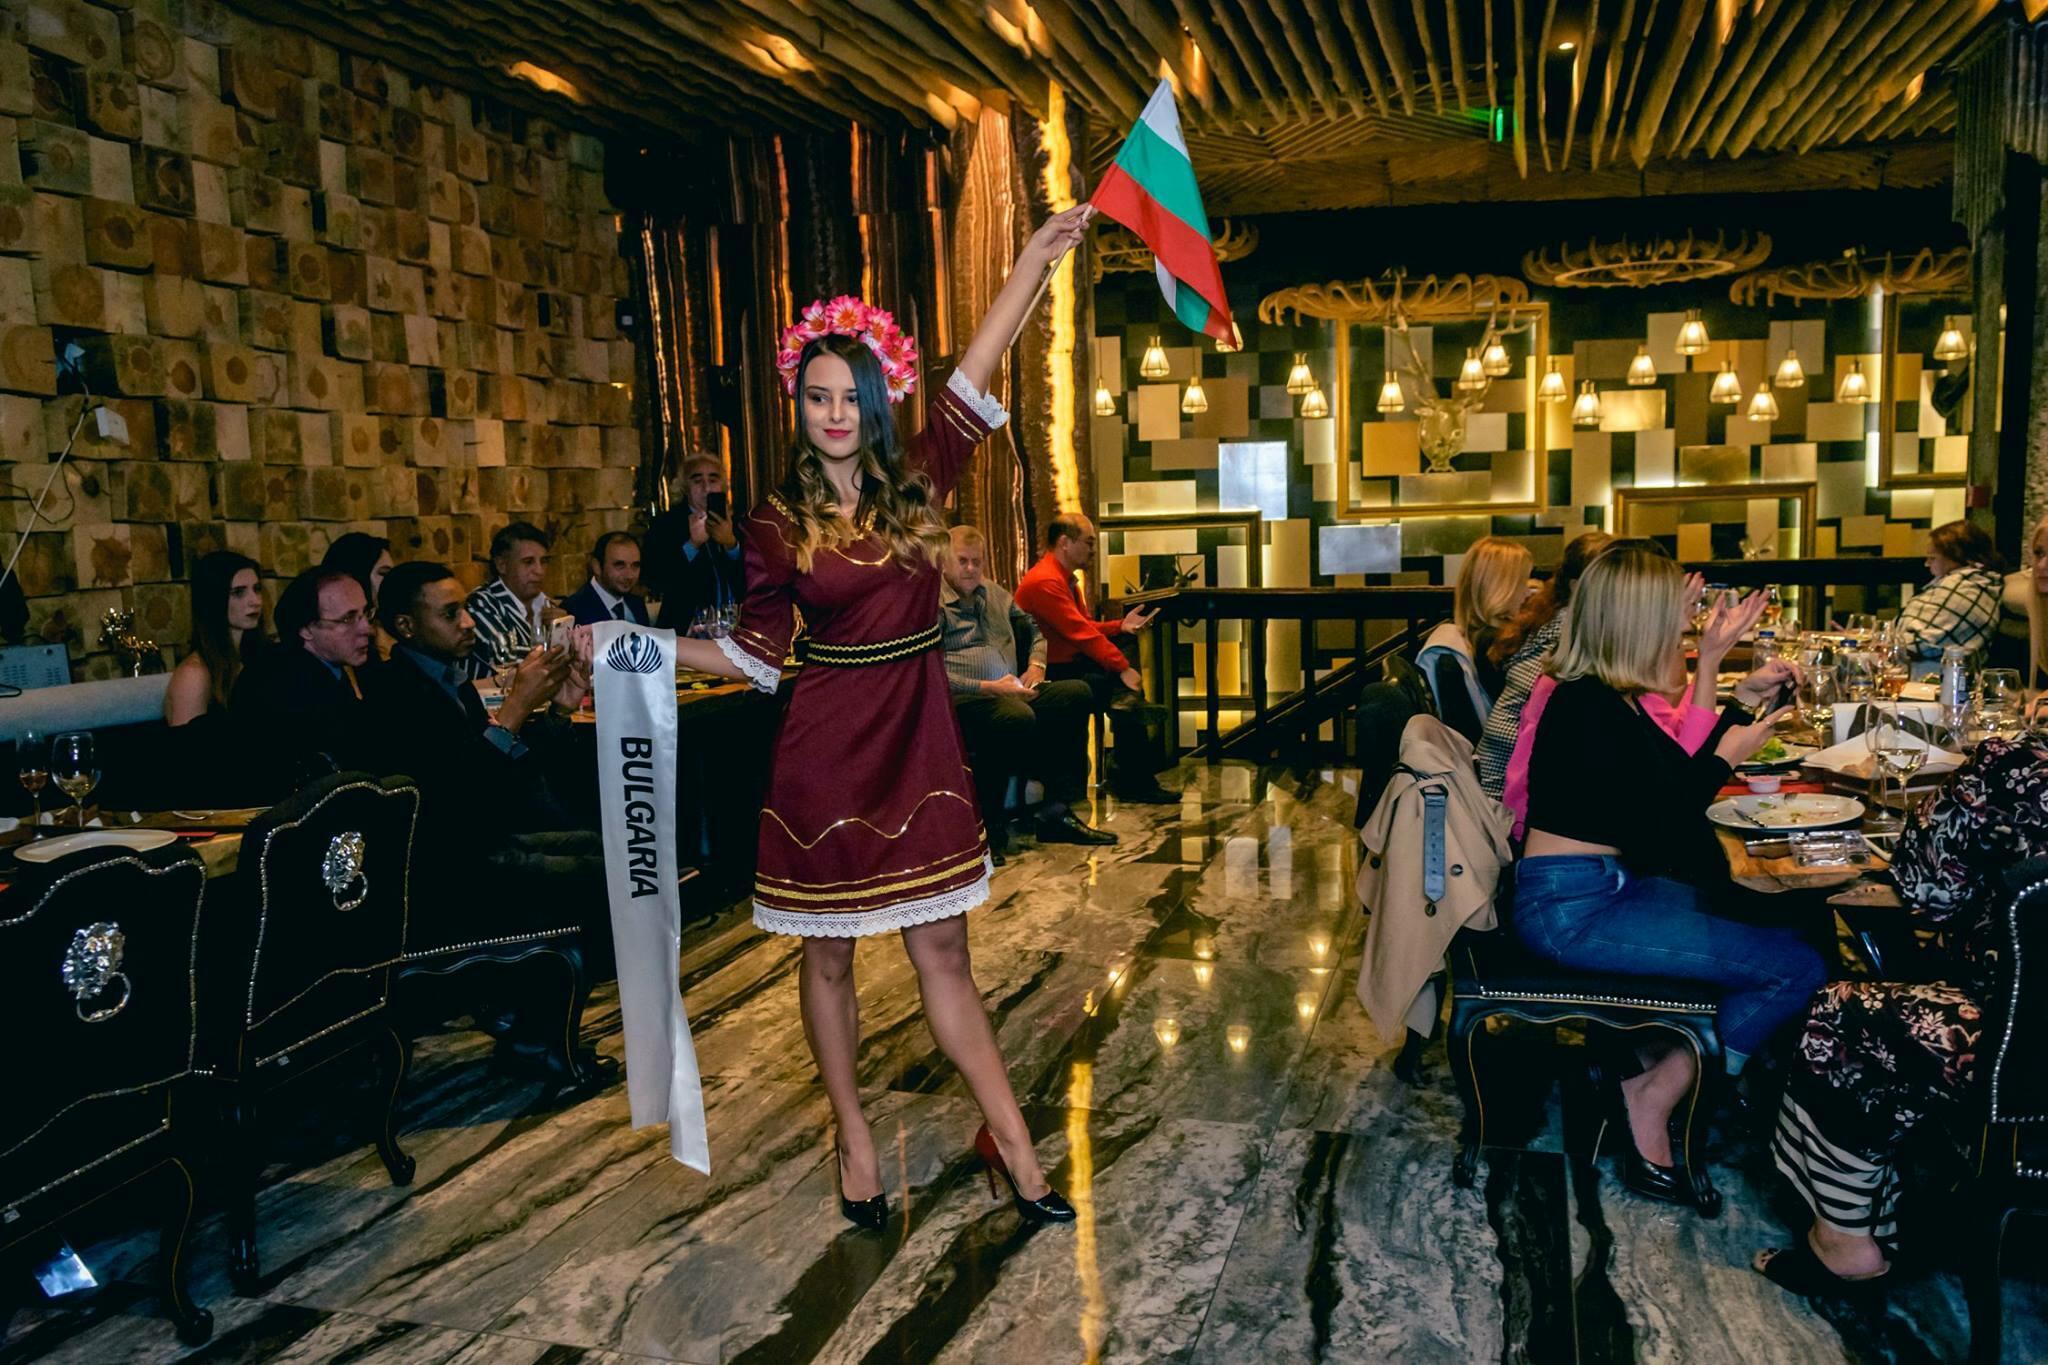 Снимка: Конкурсът Lady Universe 2018 организира Вечер на нациите